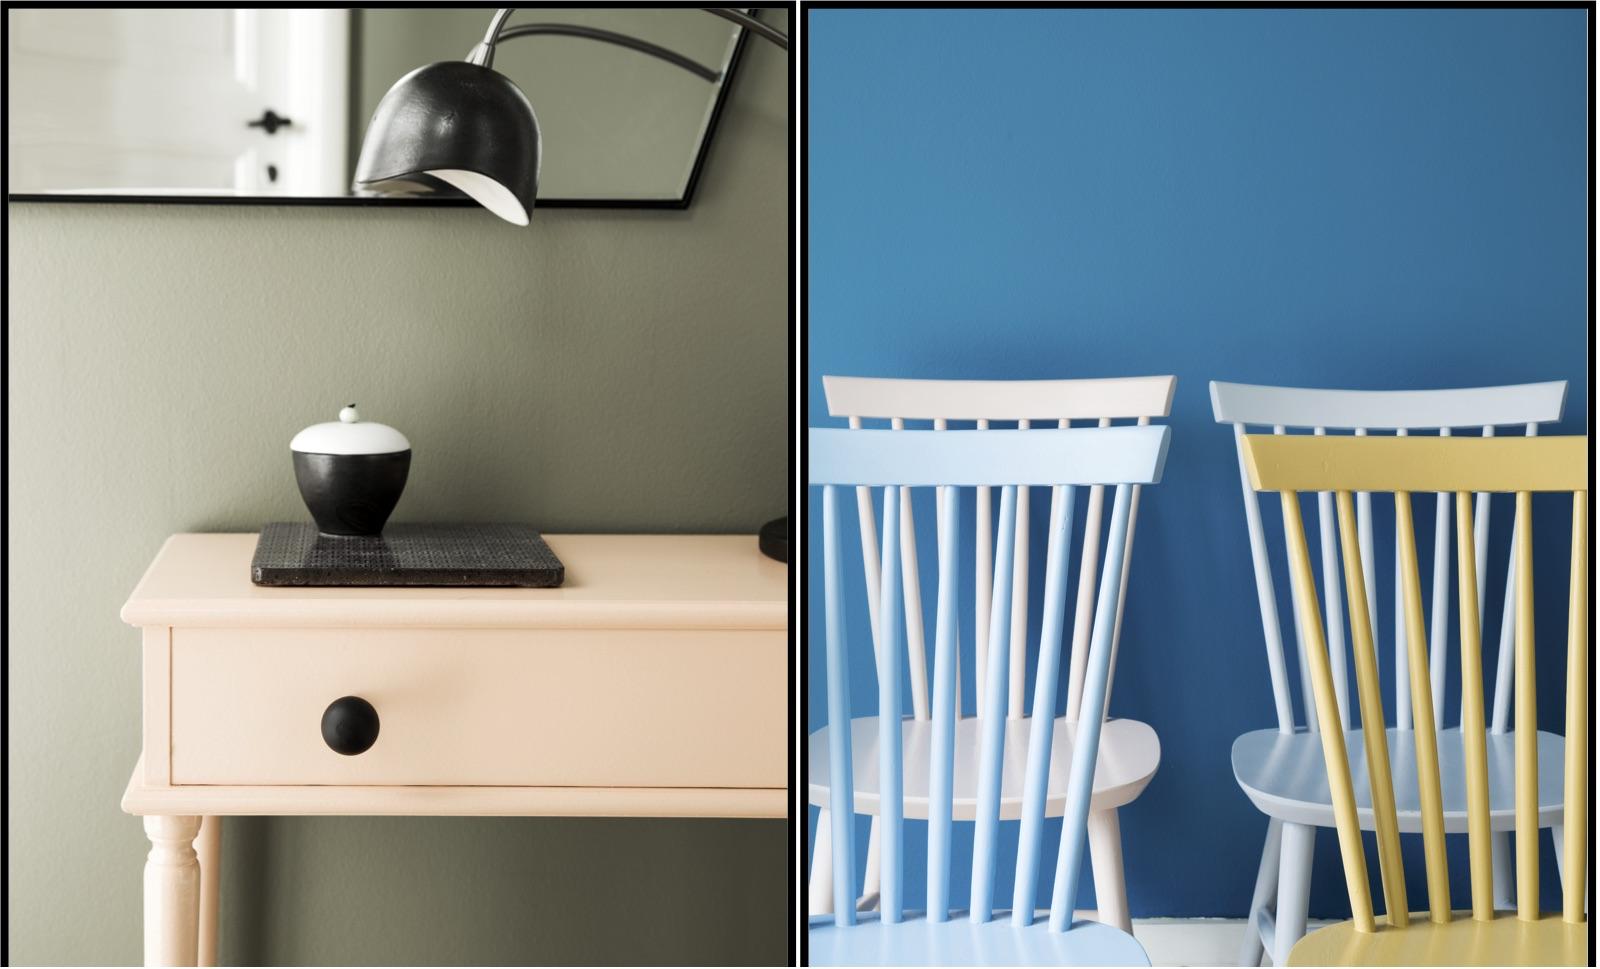 dyrup farver Maling af møbler   Dyrup Farver ApS dyrup farver